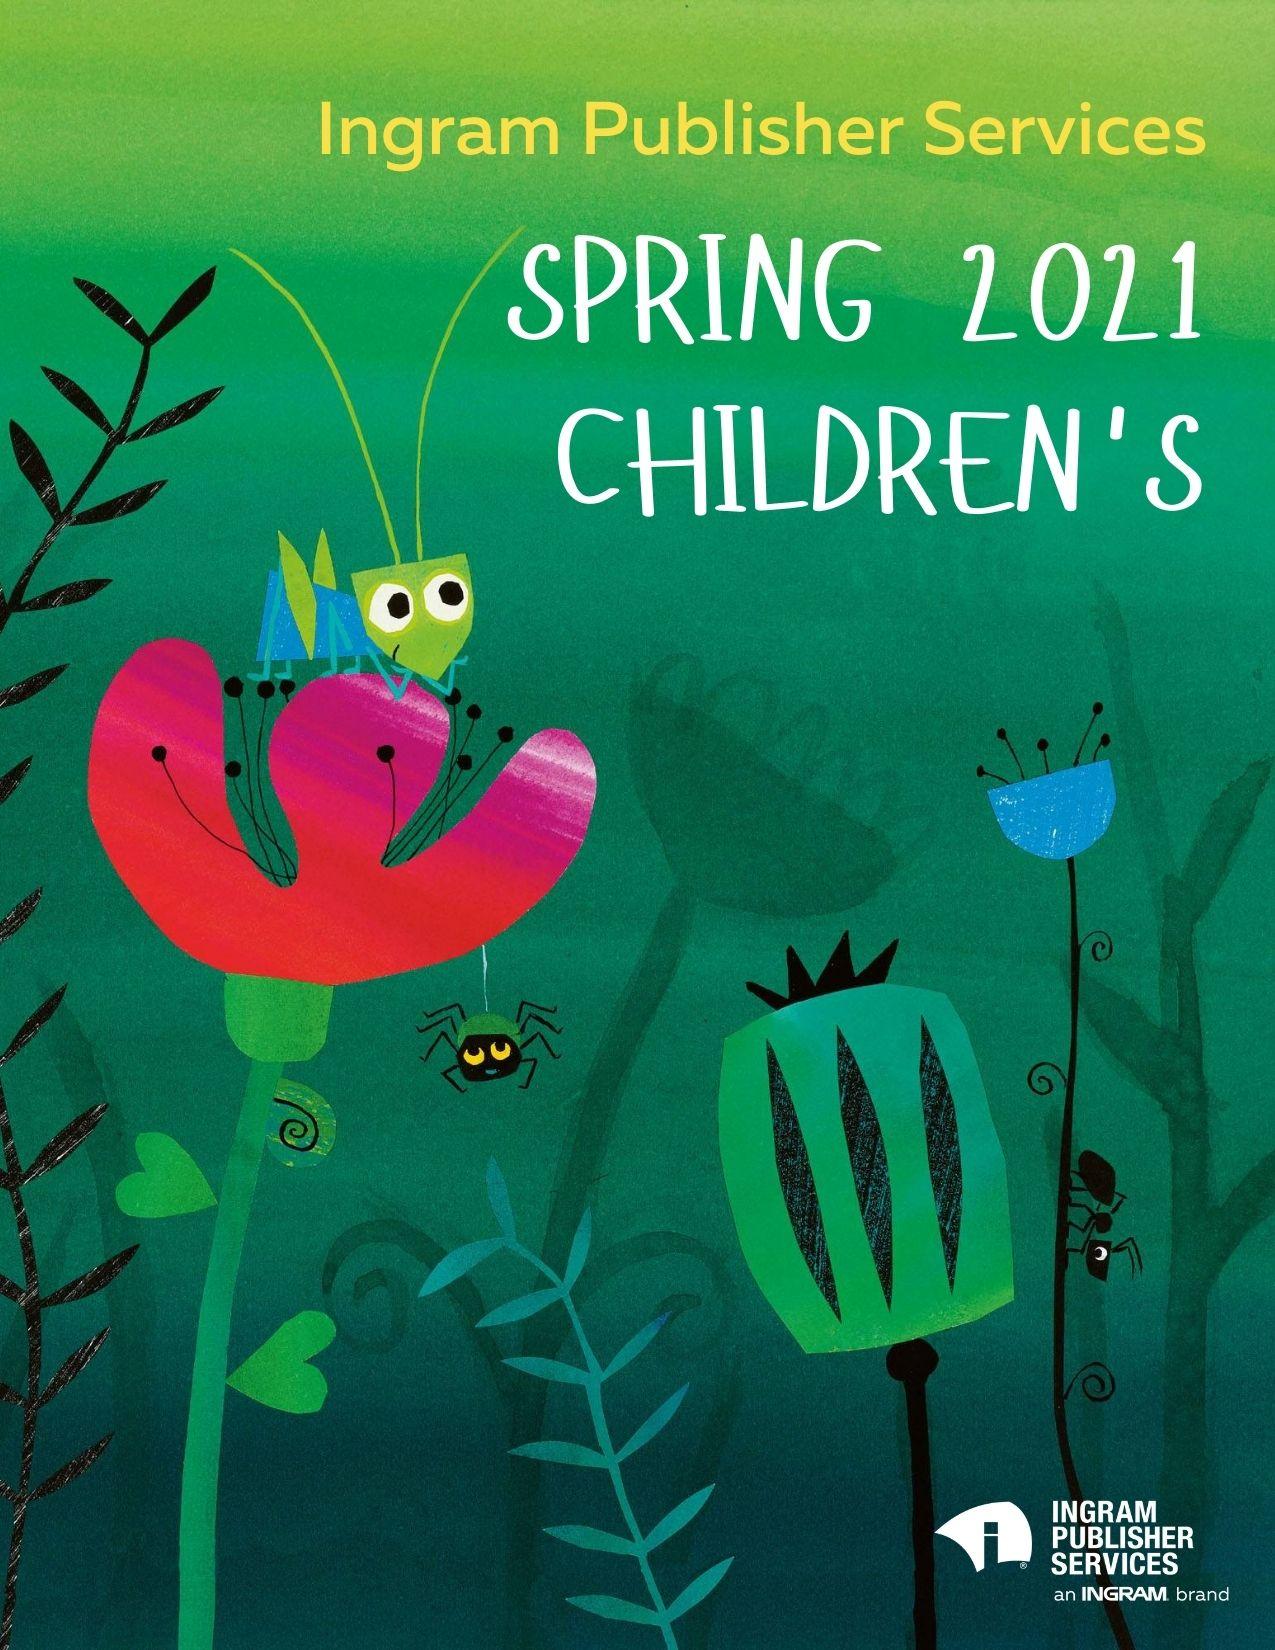 Spring/Summer 2021 Children's